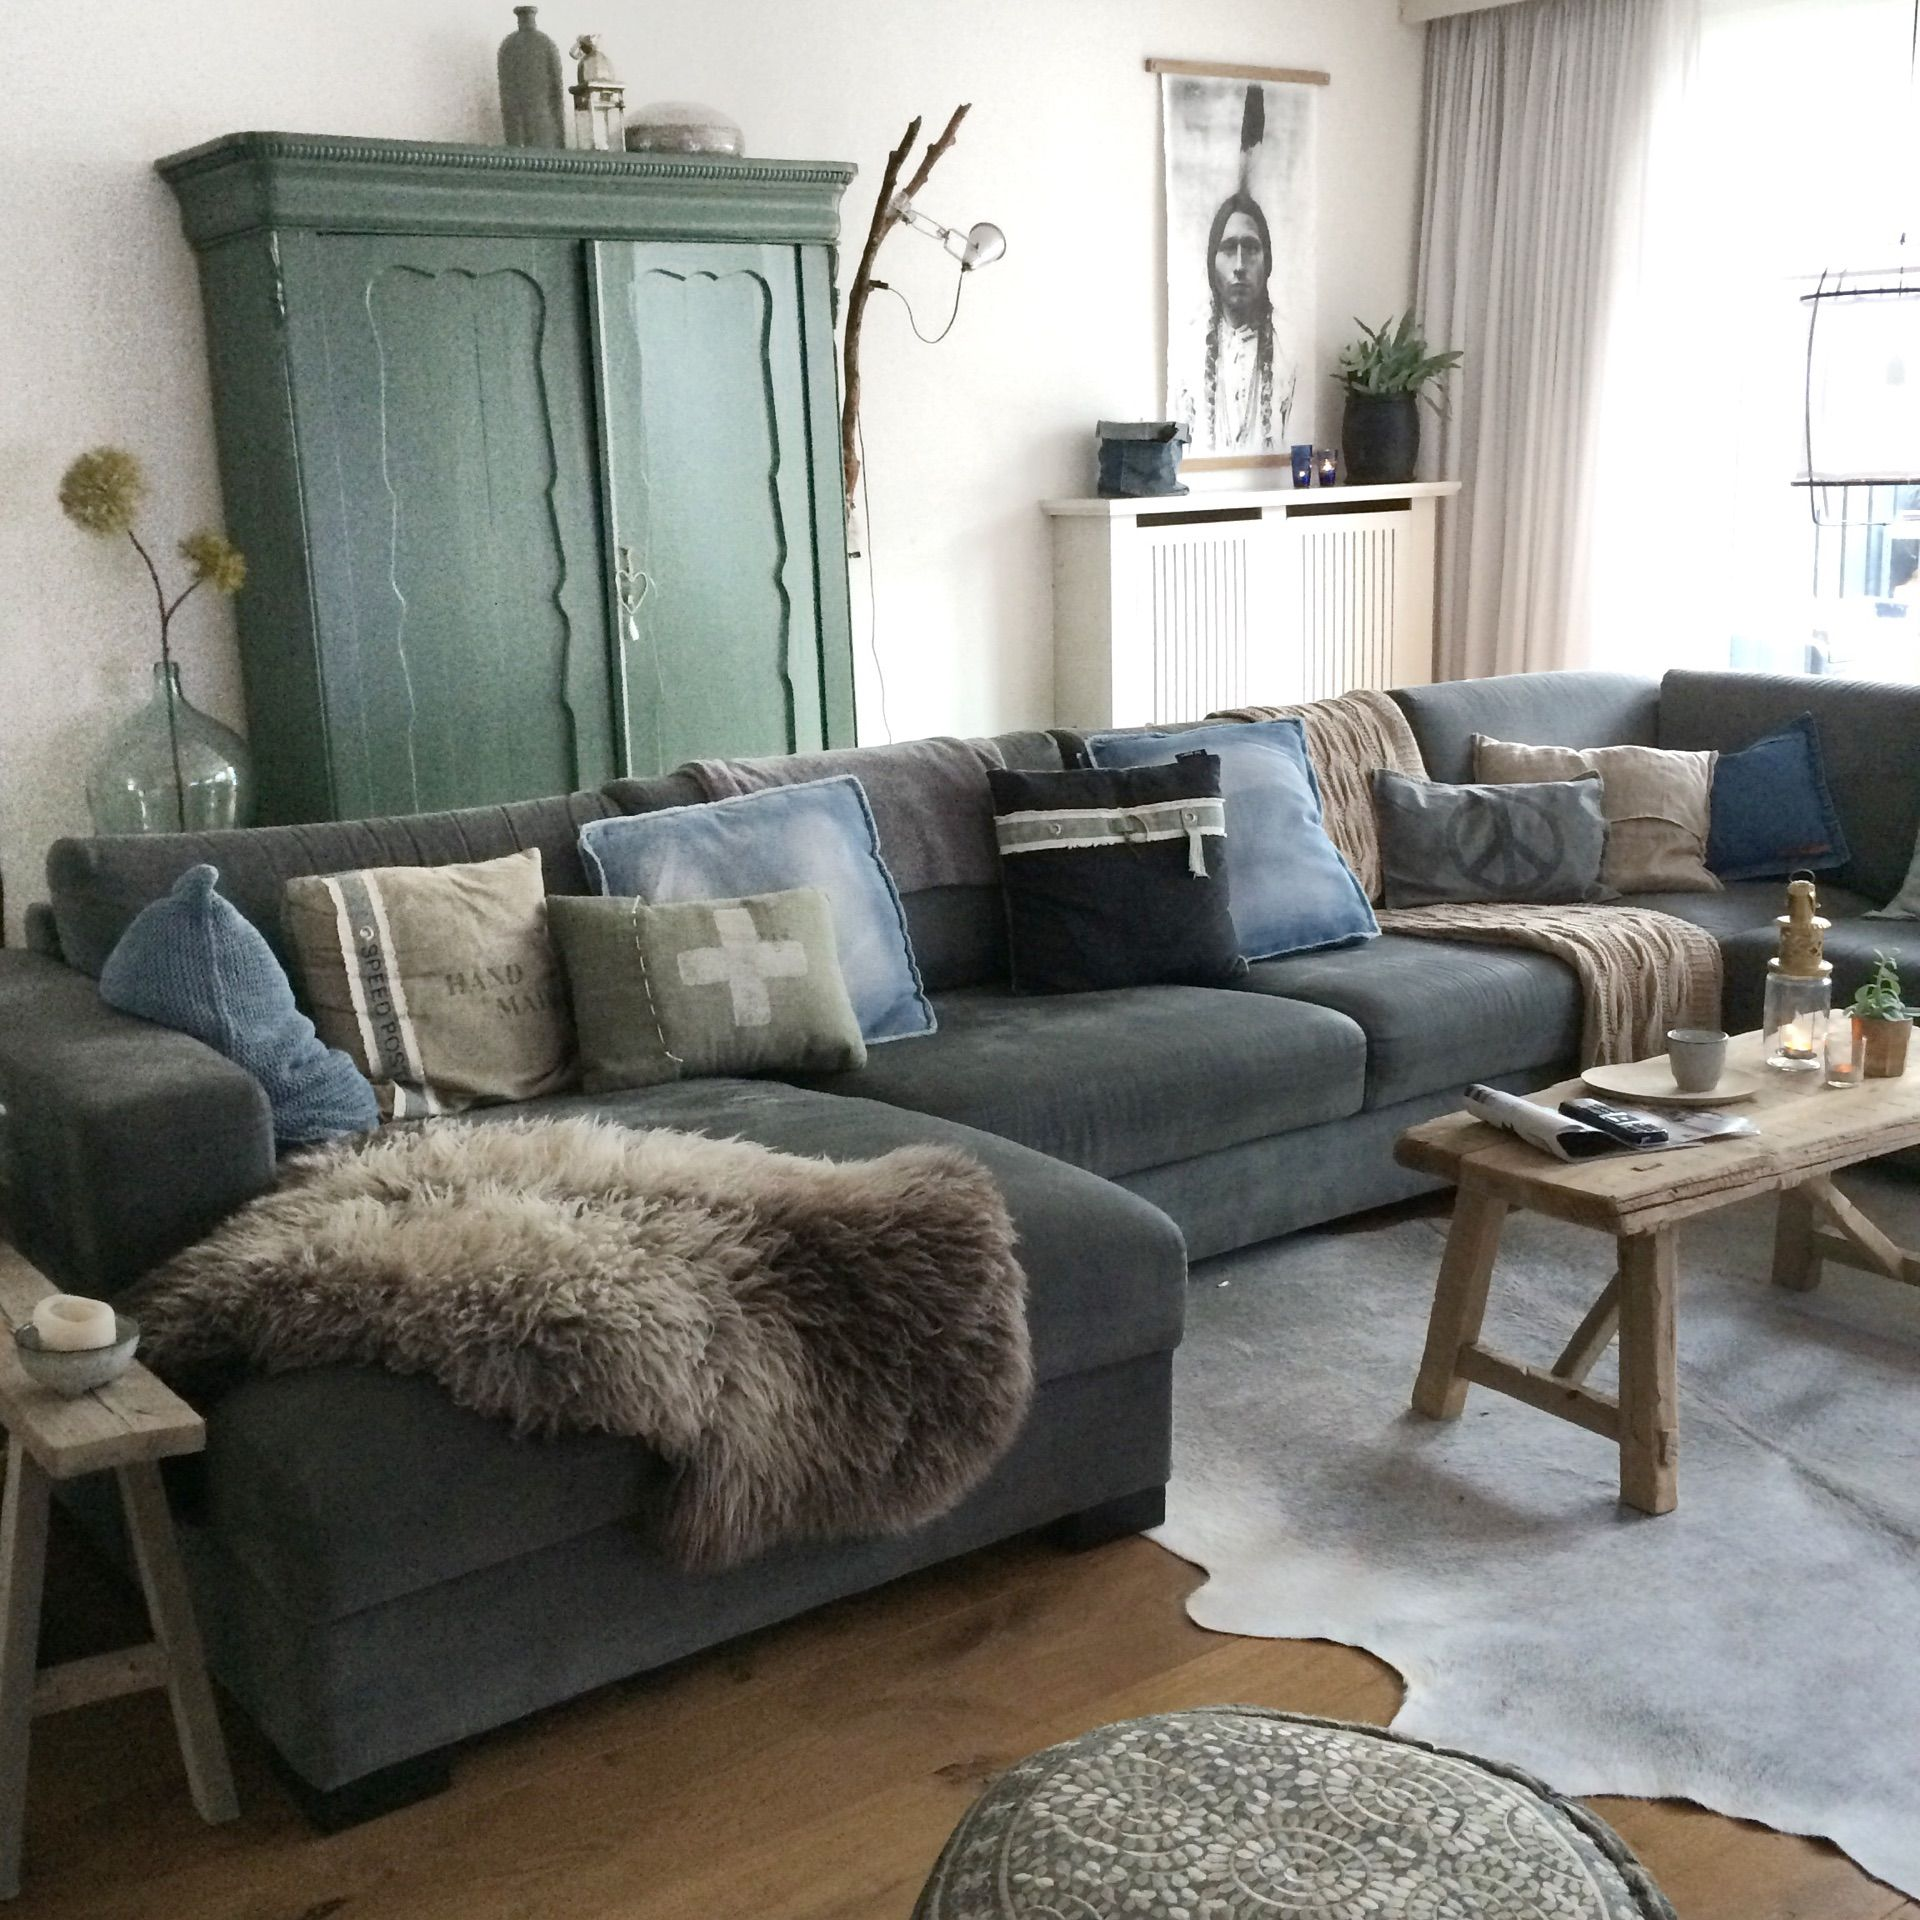 early dew flexa kast : Woonkamer Binnenkijken Bij Manon0903 Banks Interiors And